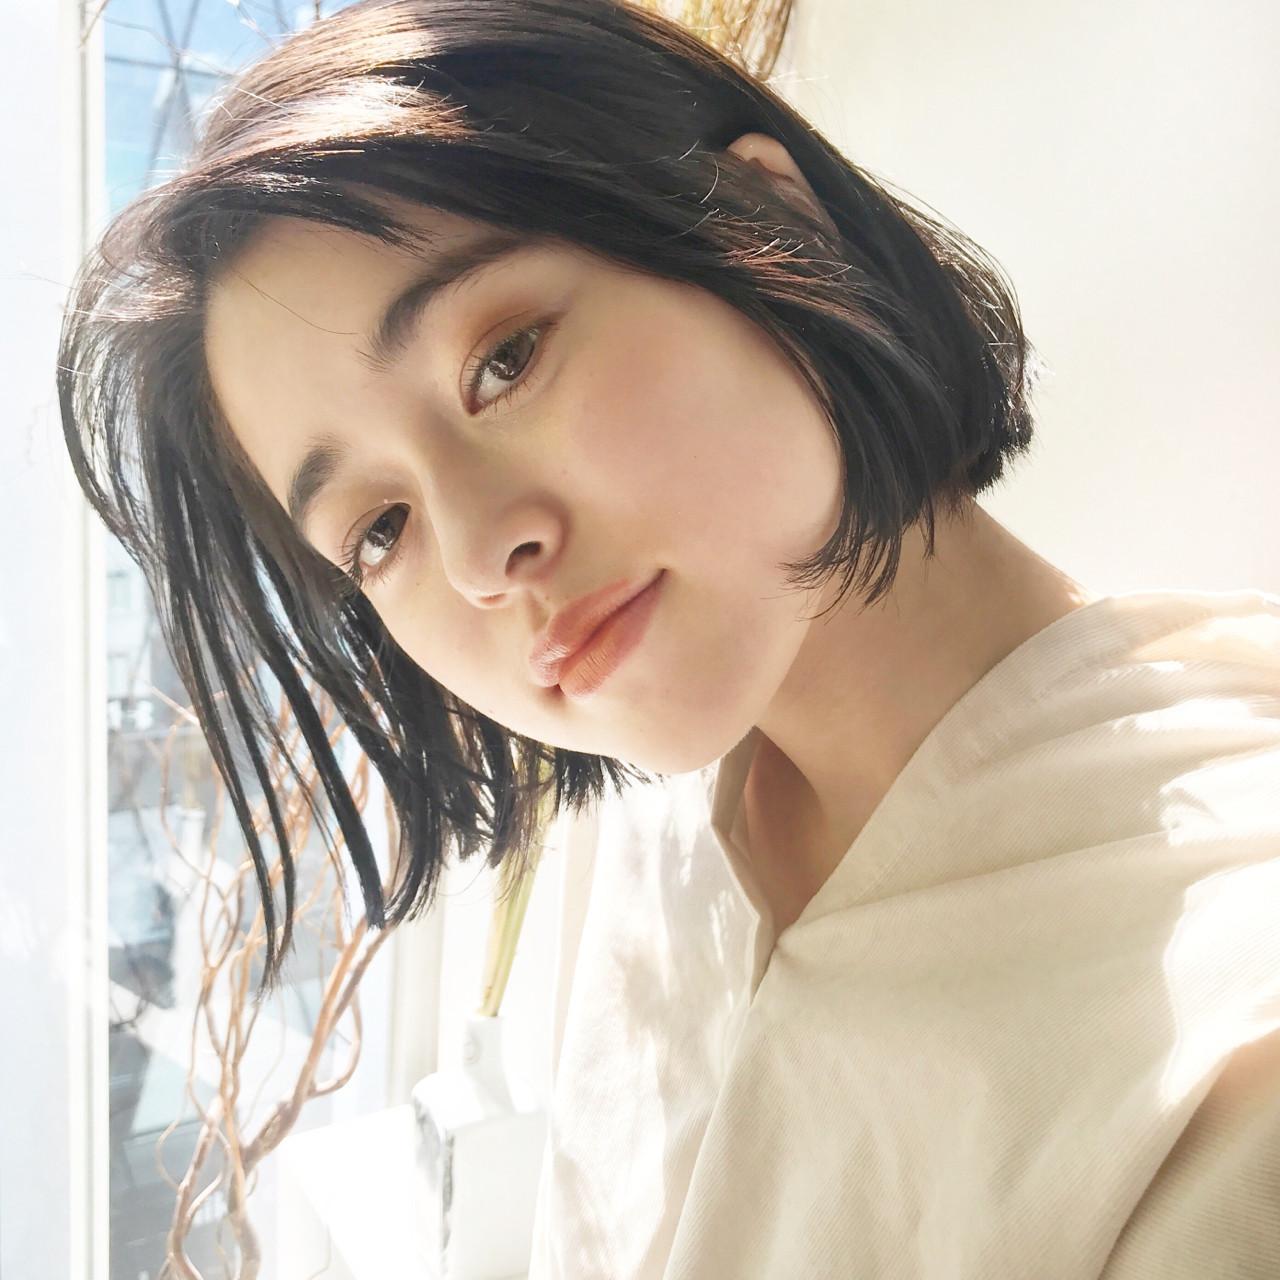 女子力 ボブ ナチュラル 透明感 ヘアスタイルや髪型の写真・画像